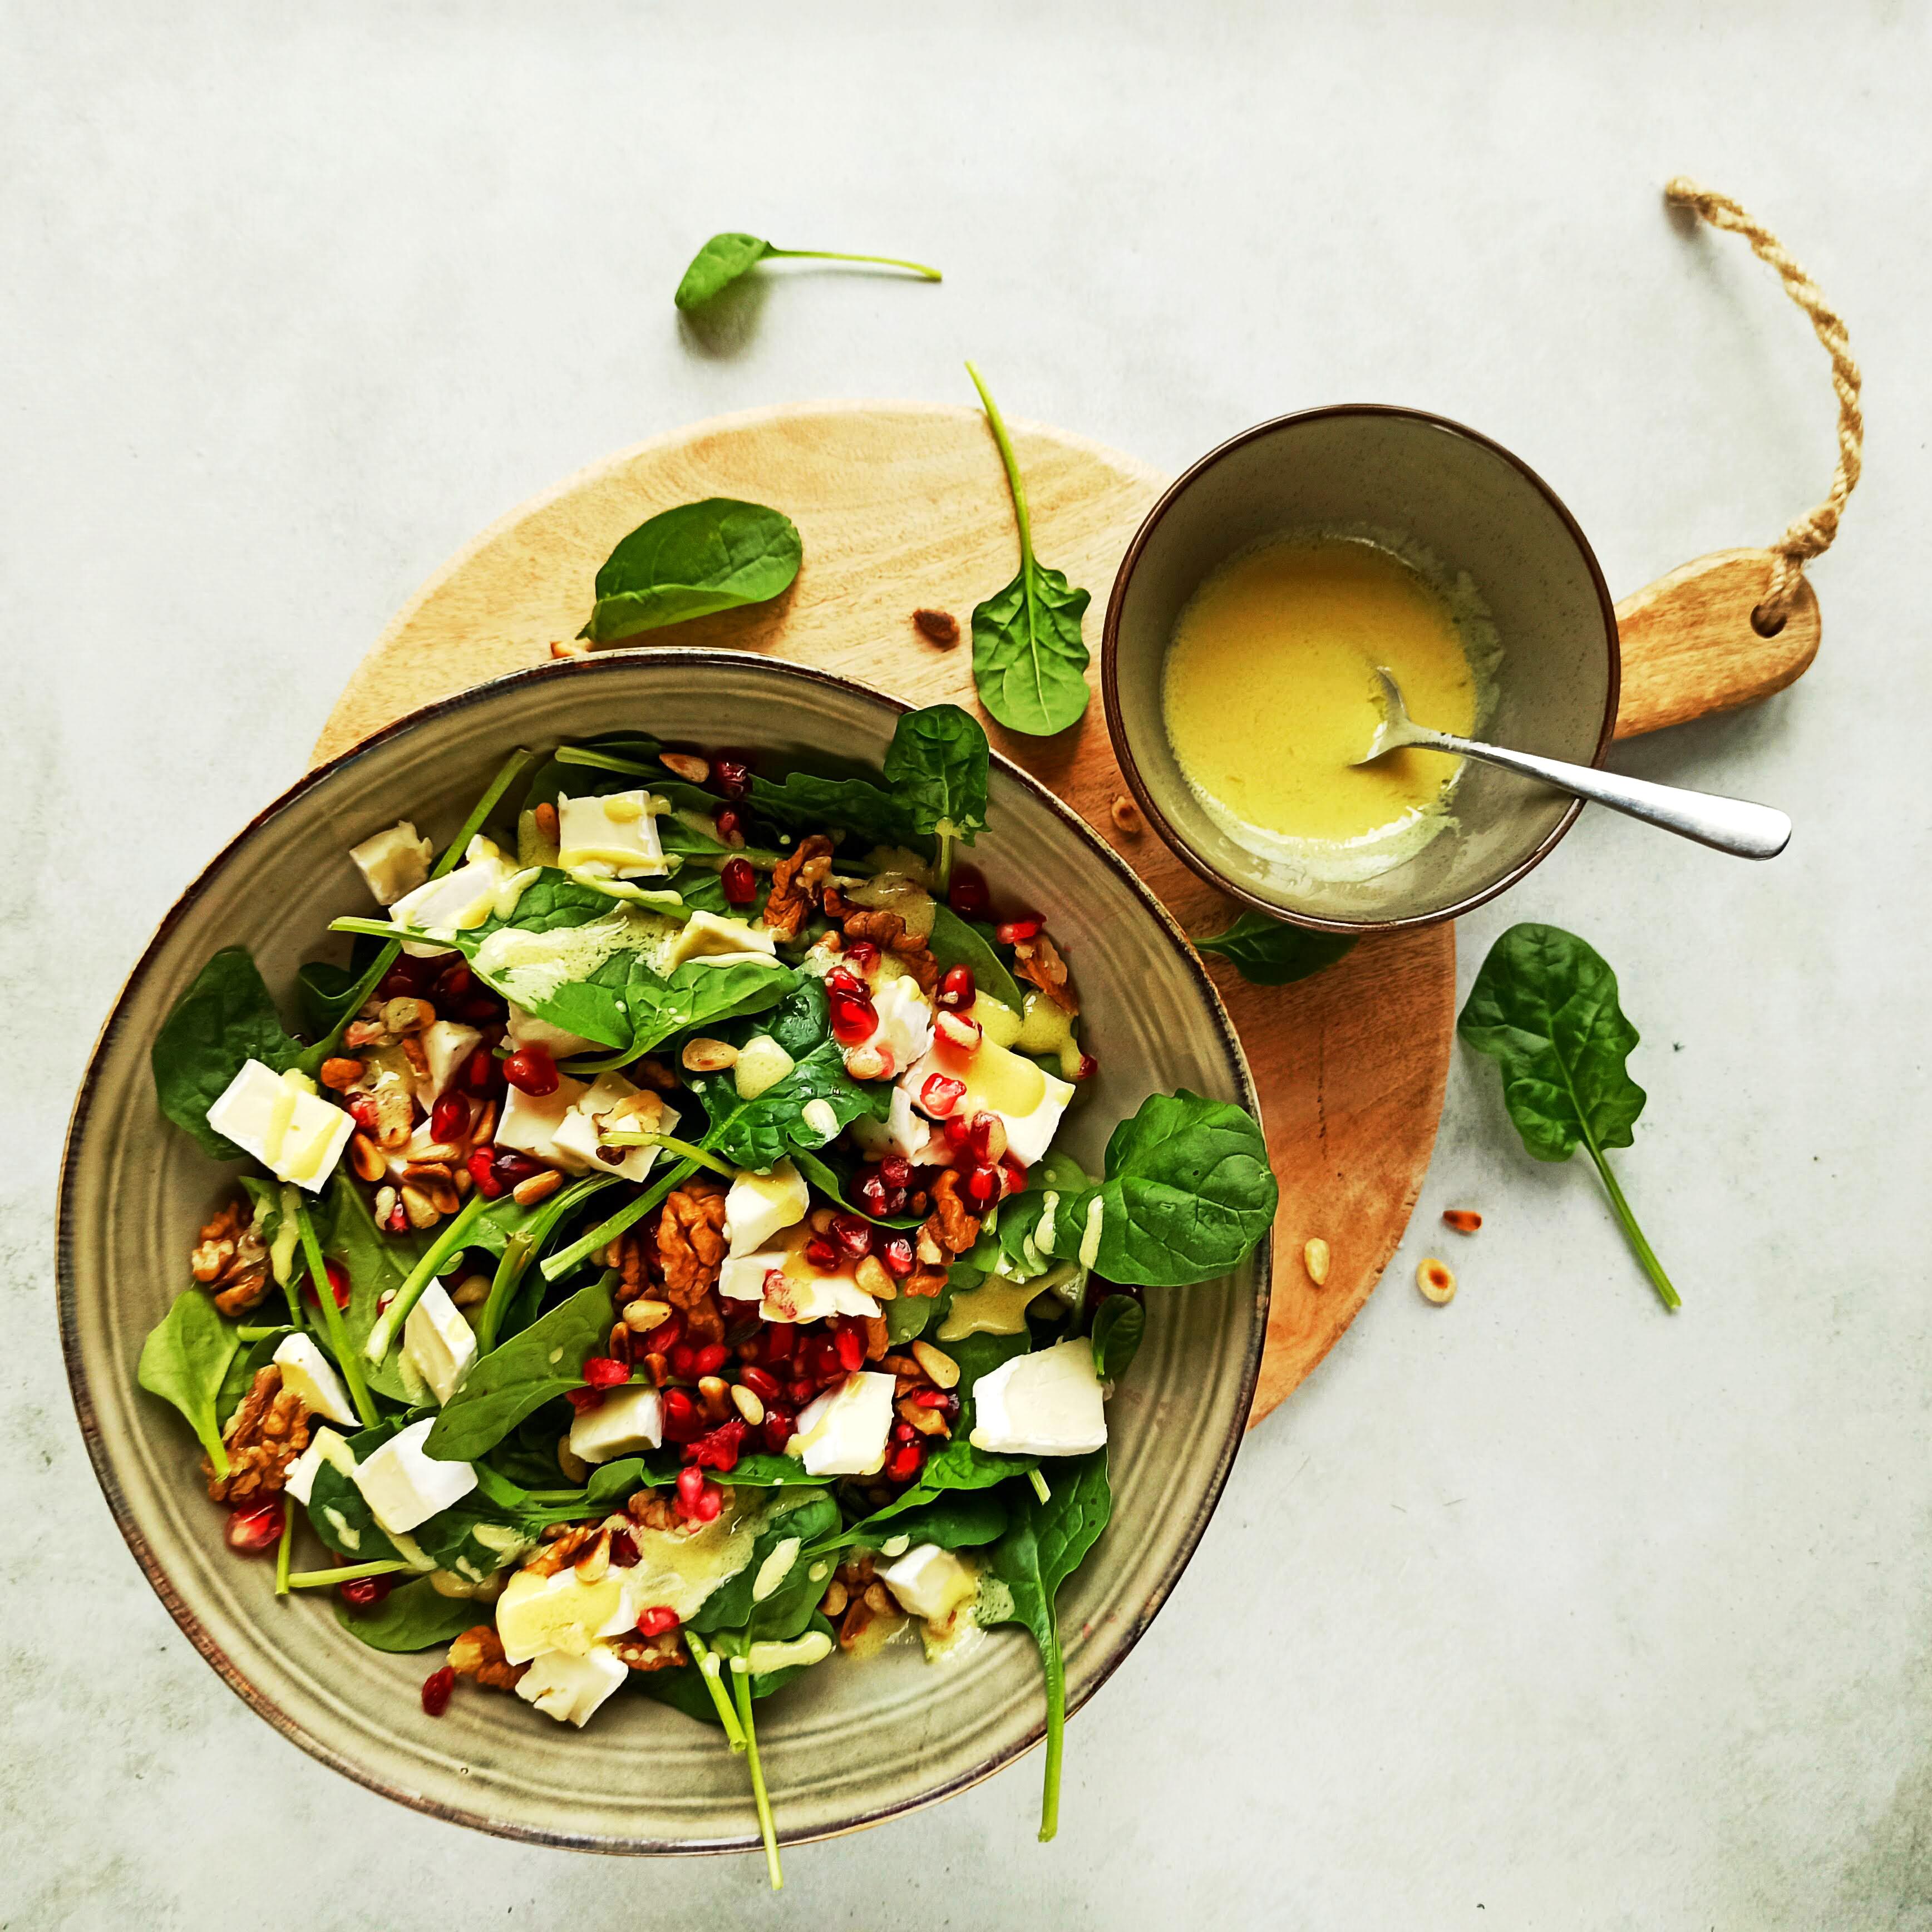 Spinaziesalade met brie en walnoten salade recept gezonde granaatappel salade buufenbuuf